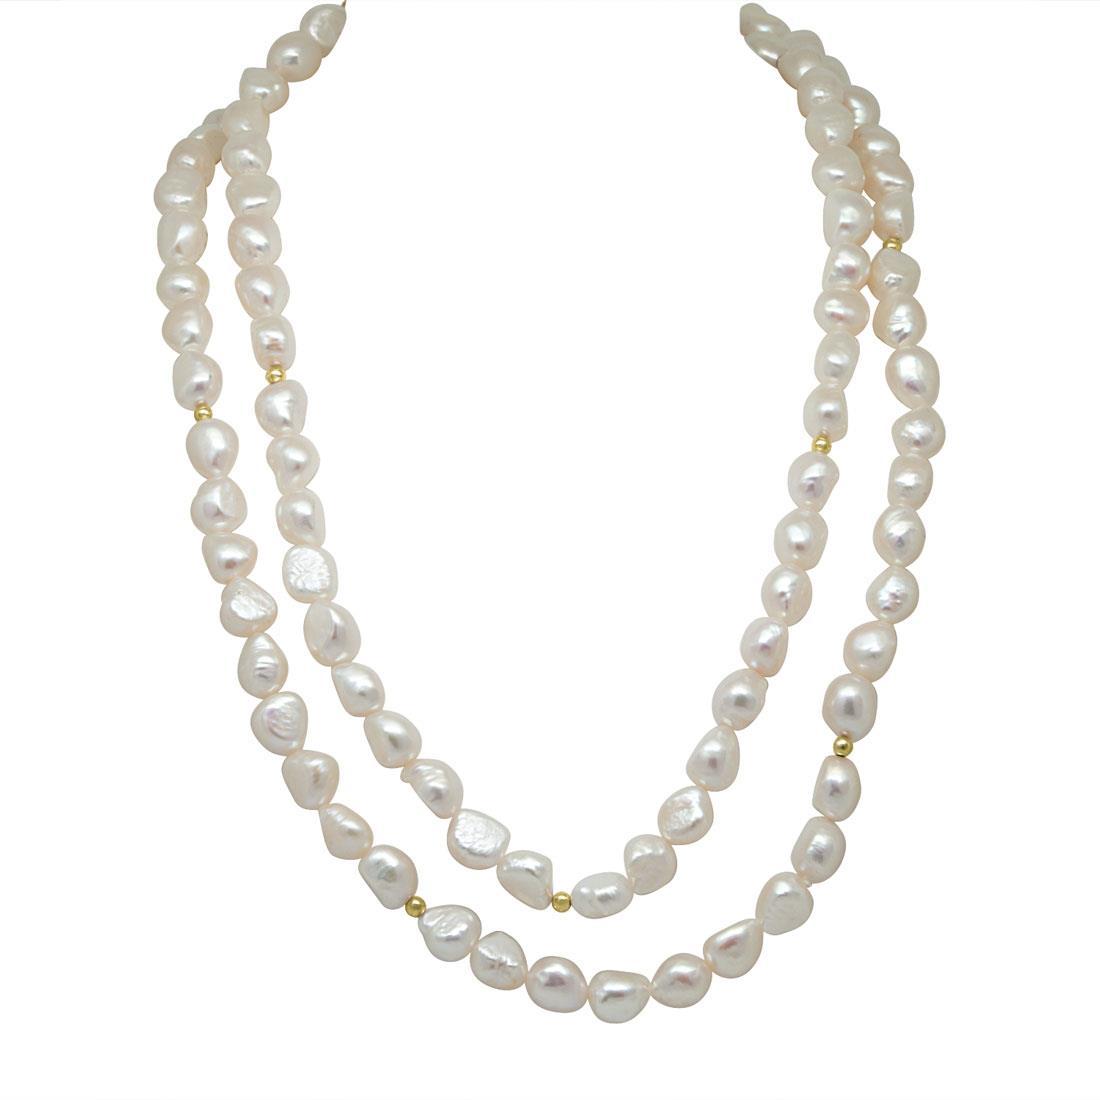 Collana lunga di perle  - RIVIK